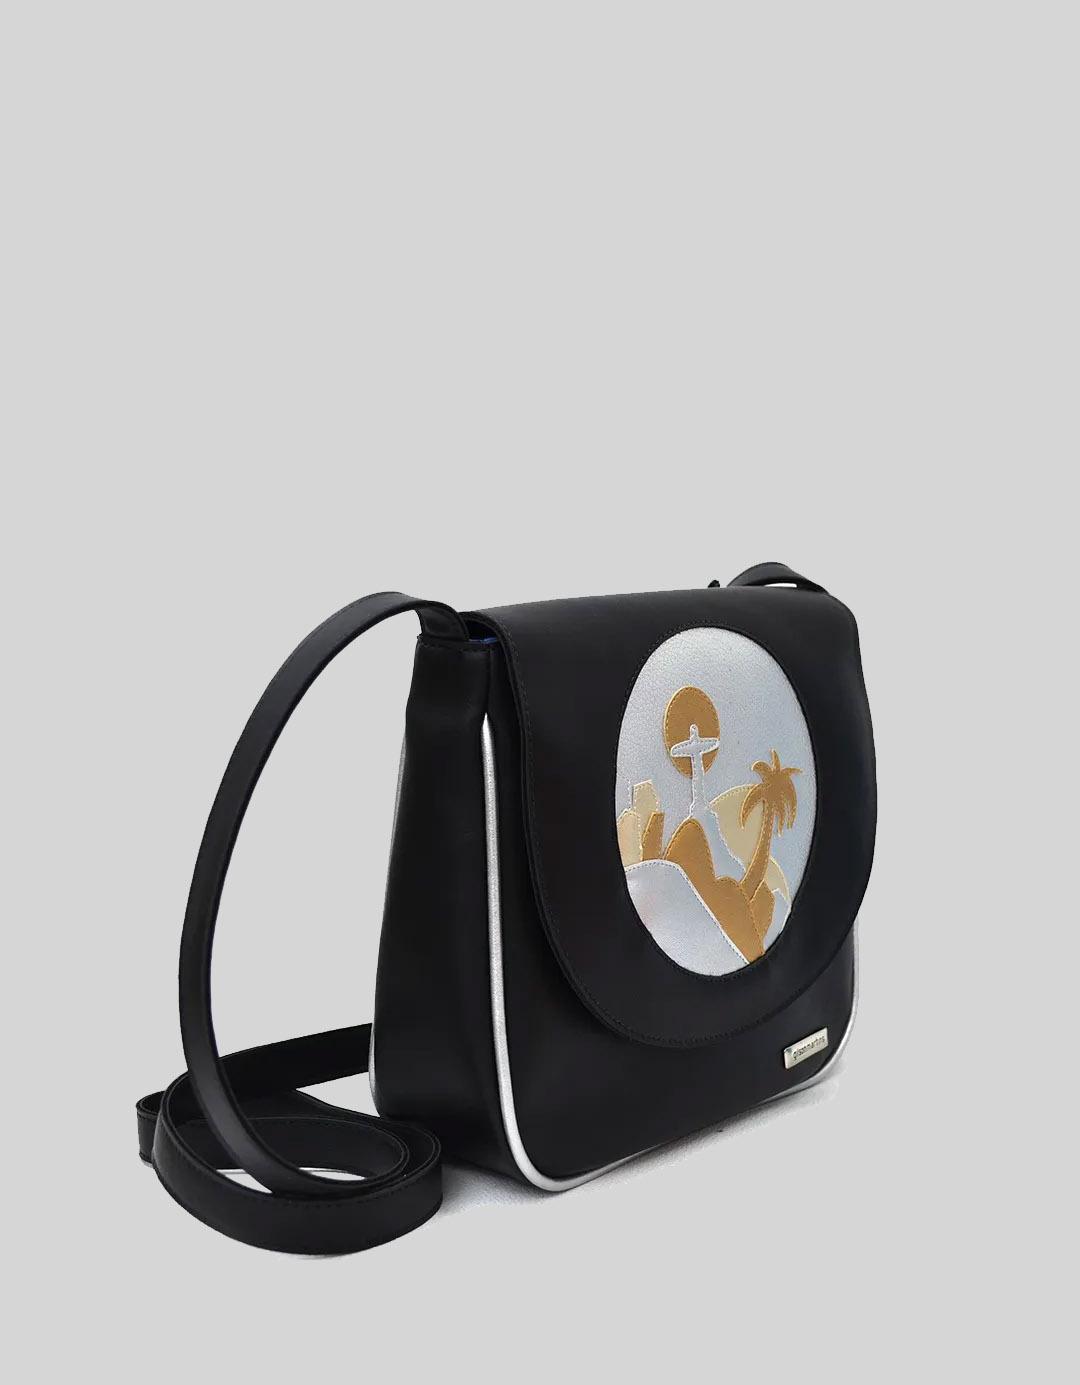 Mini Bolsa Shoulder Bag Preta Irina Lixo Nobre